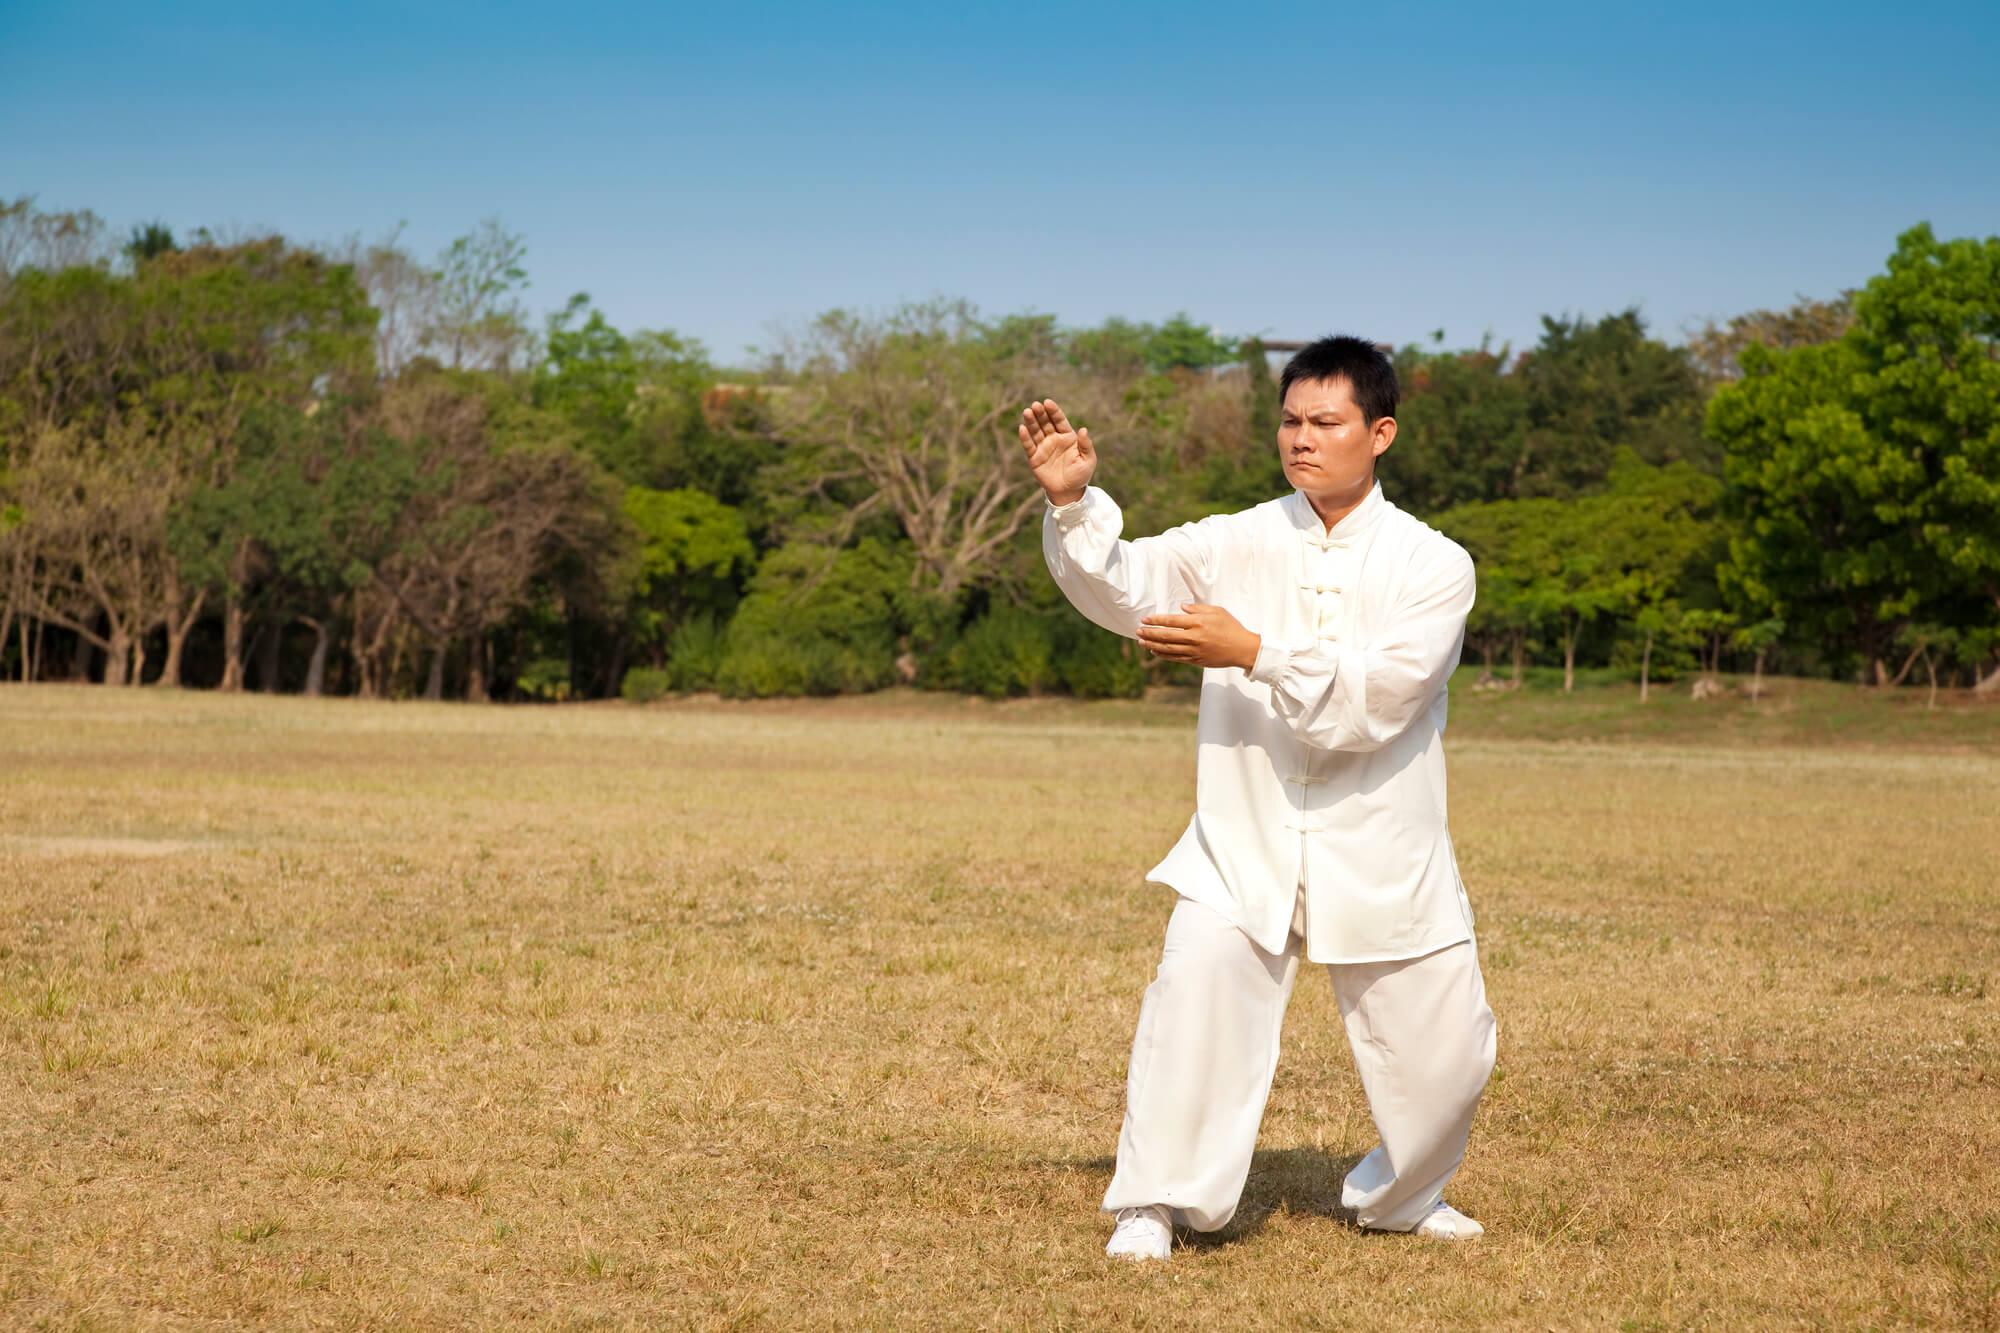 Saiba tudo sobre o estilo Louva-a-Deus no Kung Fu